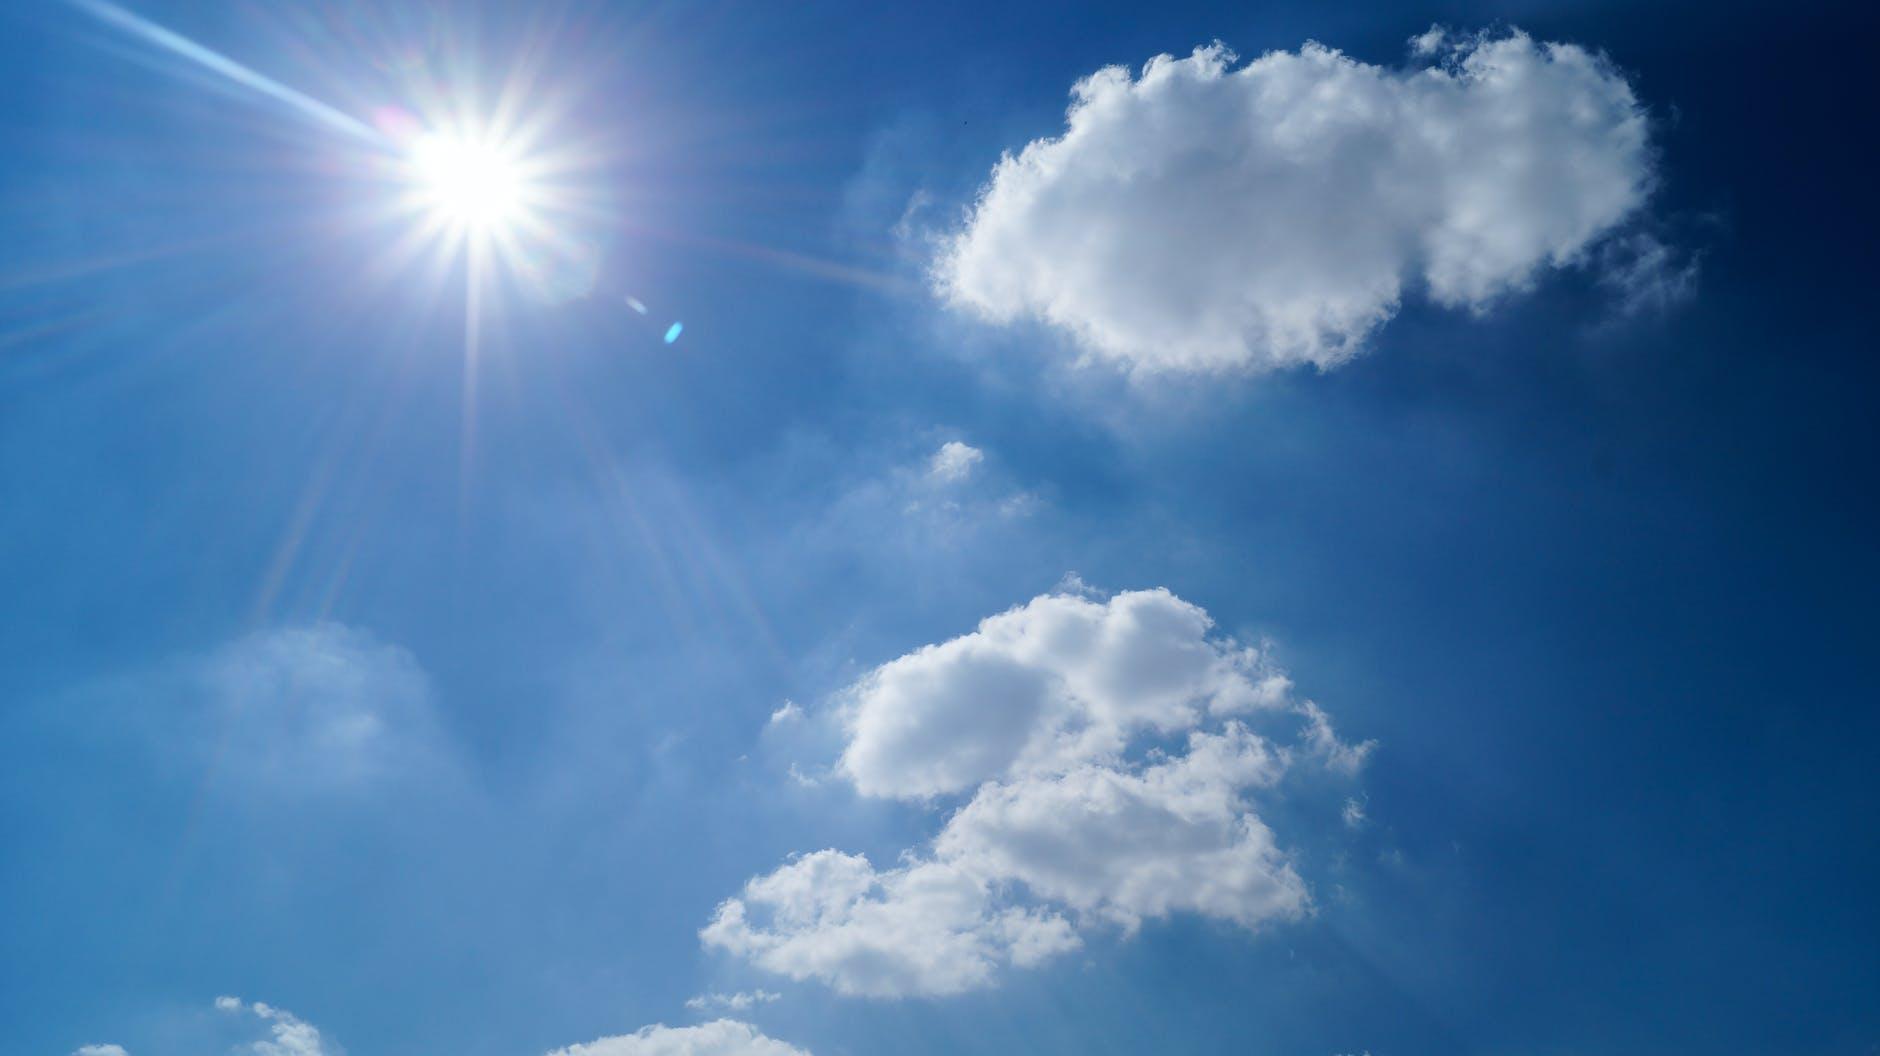 cielo con sol y nube_Cita de renovación